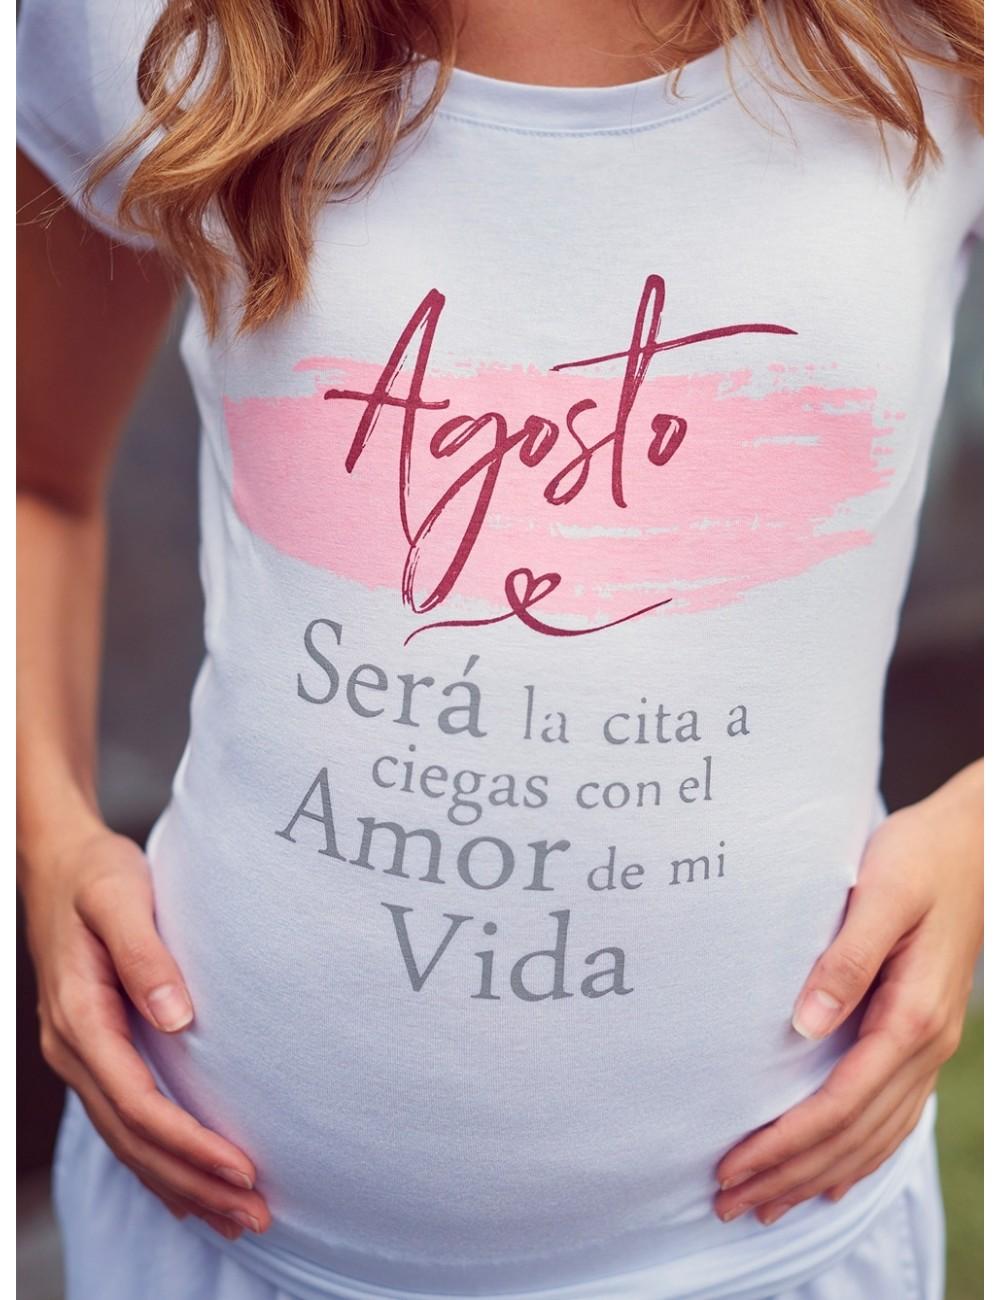 Camiseta Estampada El Amor de mi vida en meses